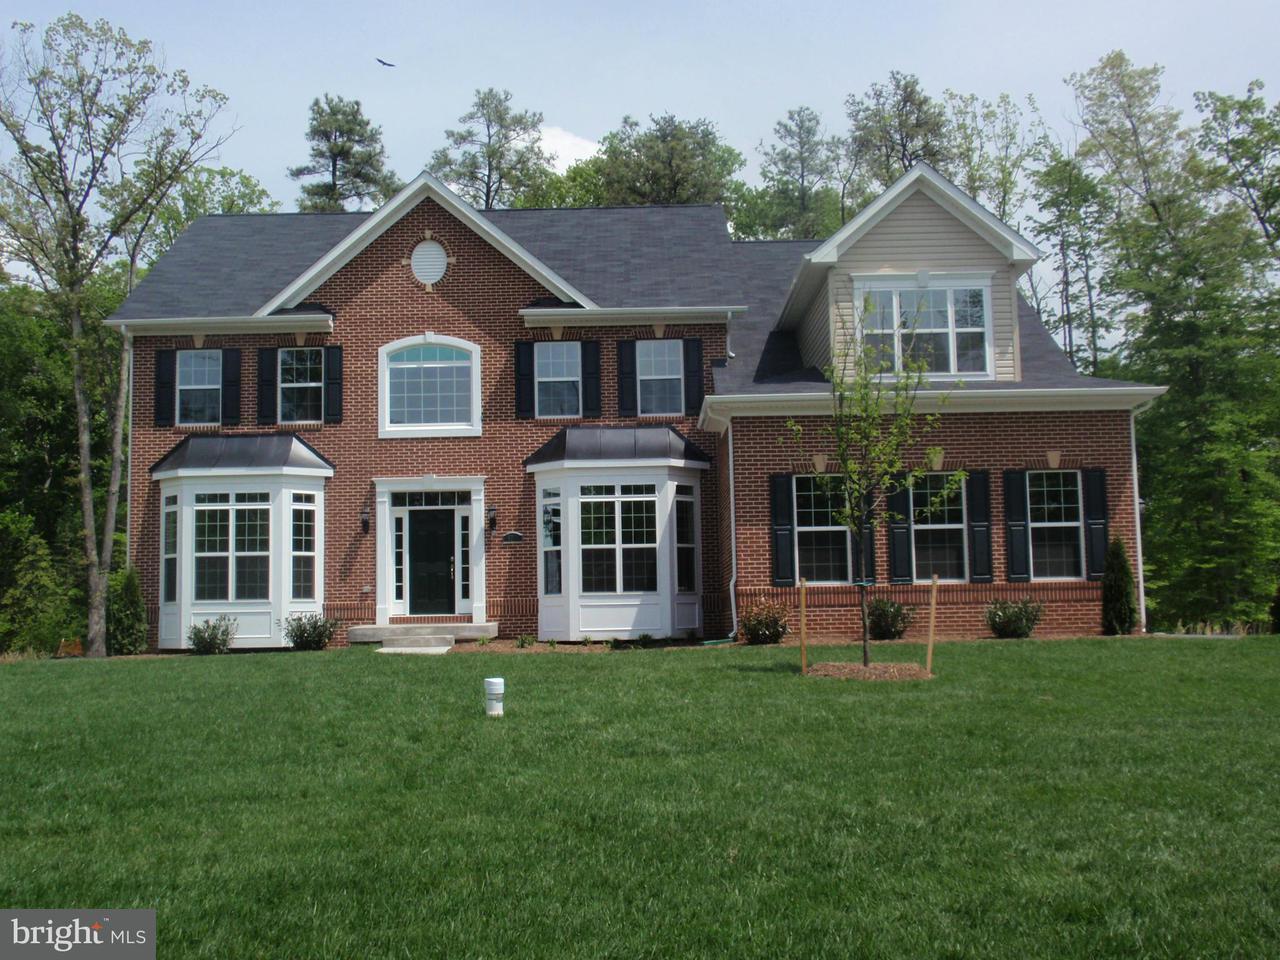 Частный односемейный дом для того Продажа на 3522 DANVILLE Road 3522 DANVILLE Road Brandywine, Мэриленд 20613 Соединенные Штаты